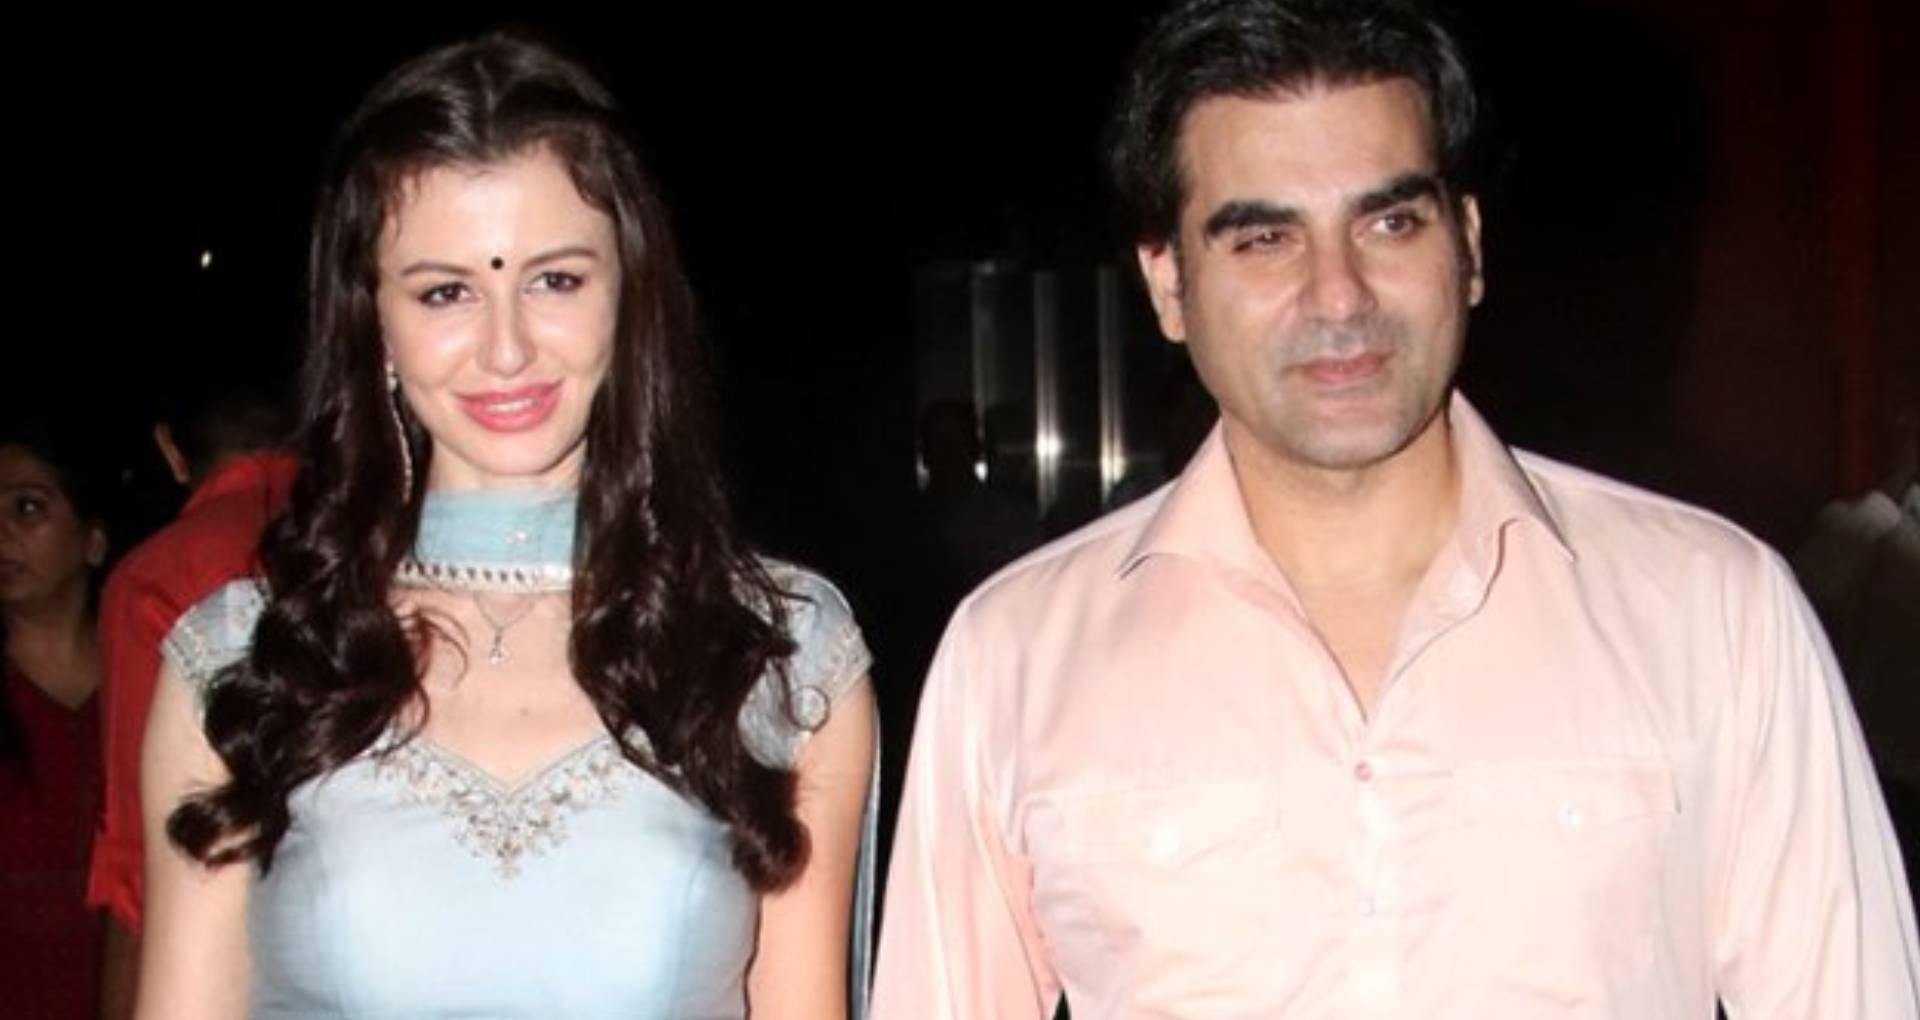 दबंग 3 में नहीं होंगी अरबाज खान की गर्लफ्रेंड जॉर्जिया एंड्रियानी, इस तमिल वेब सीरिज से करेंगी डेब्यू